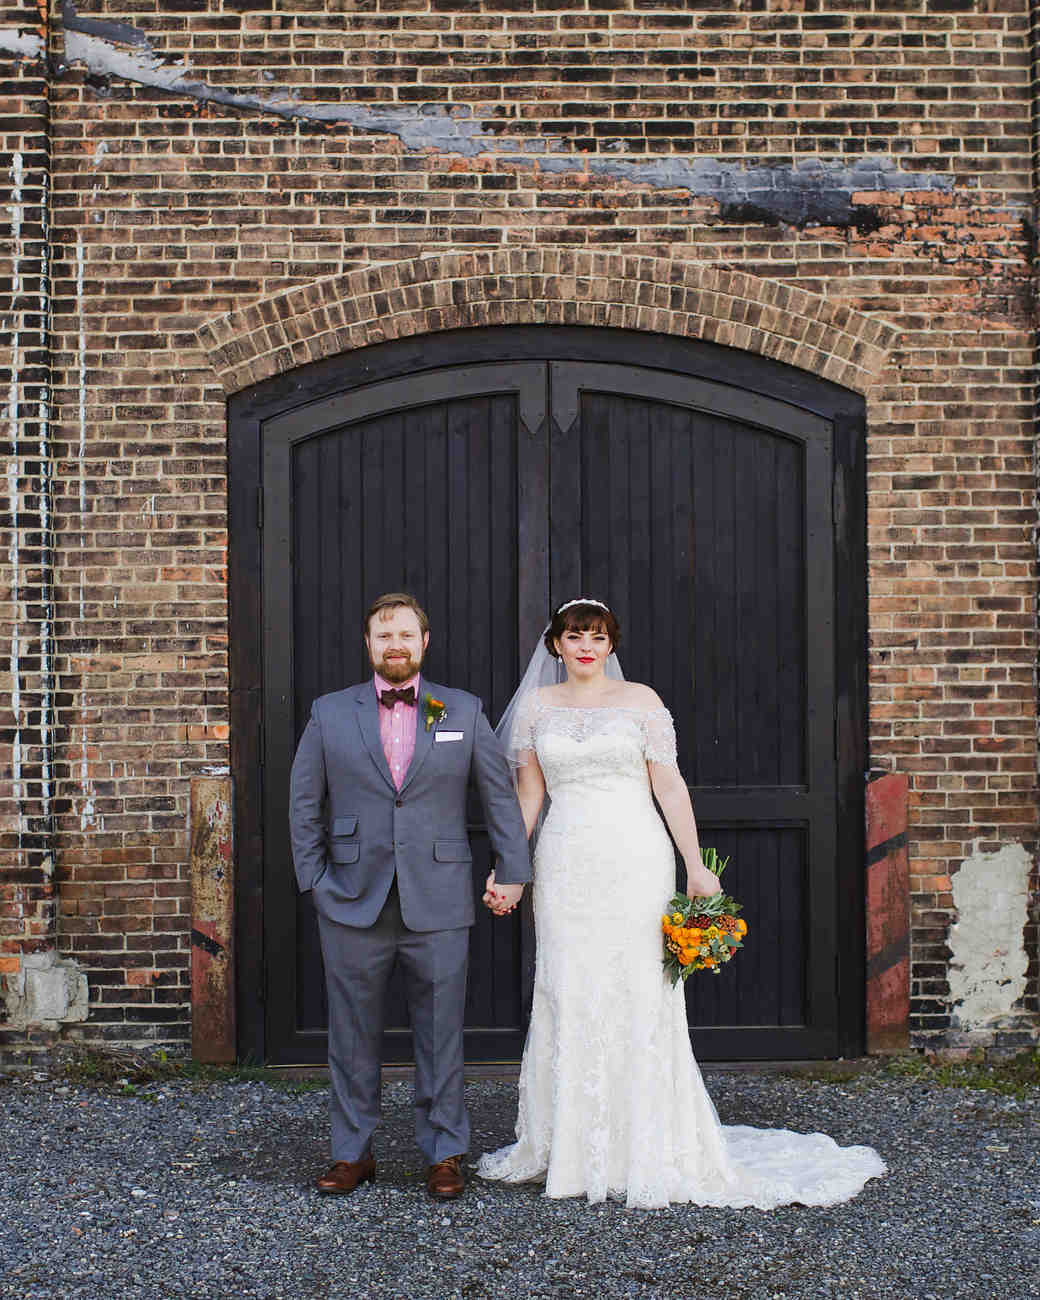 lauren-jake-wedding-couple-6784-s111838-0315.jpg